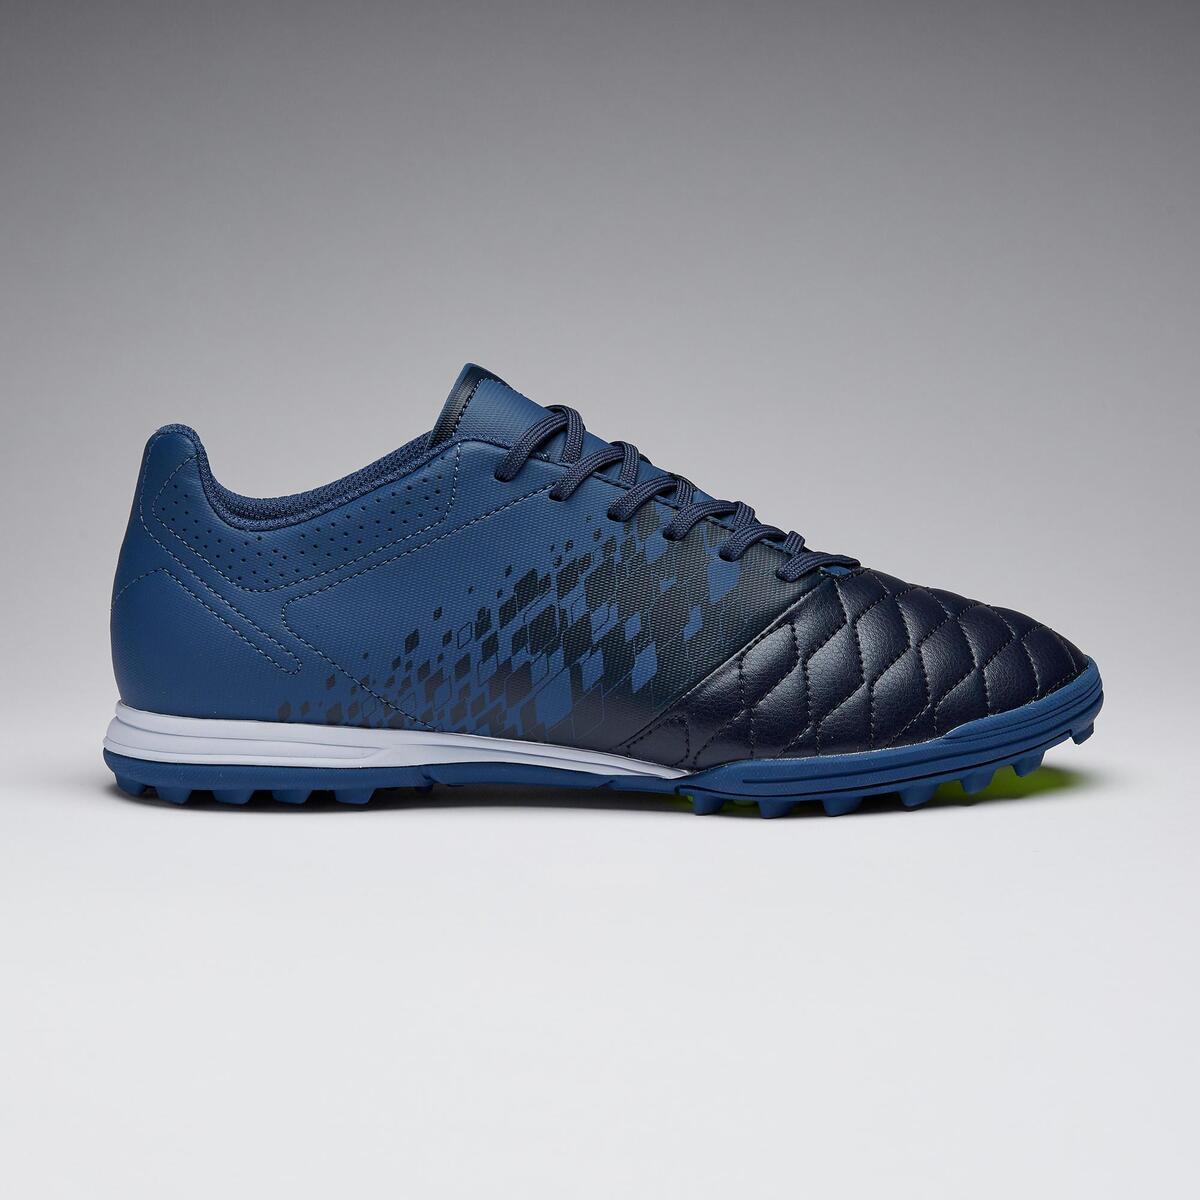 Bild 2 von Fußballschuhe Multinocken Agility 500 HG Erwachsene blau